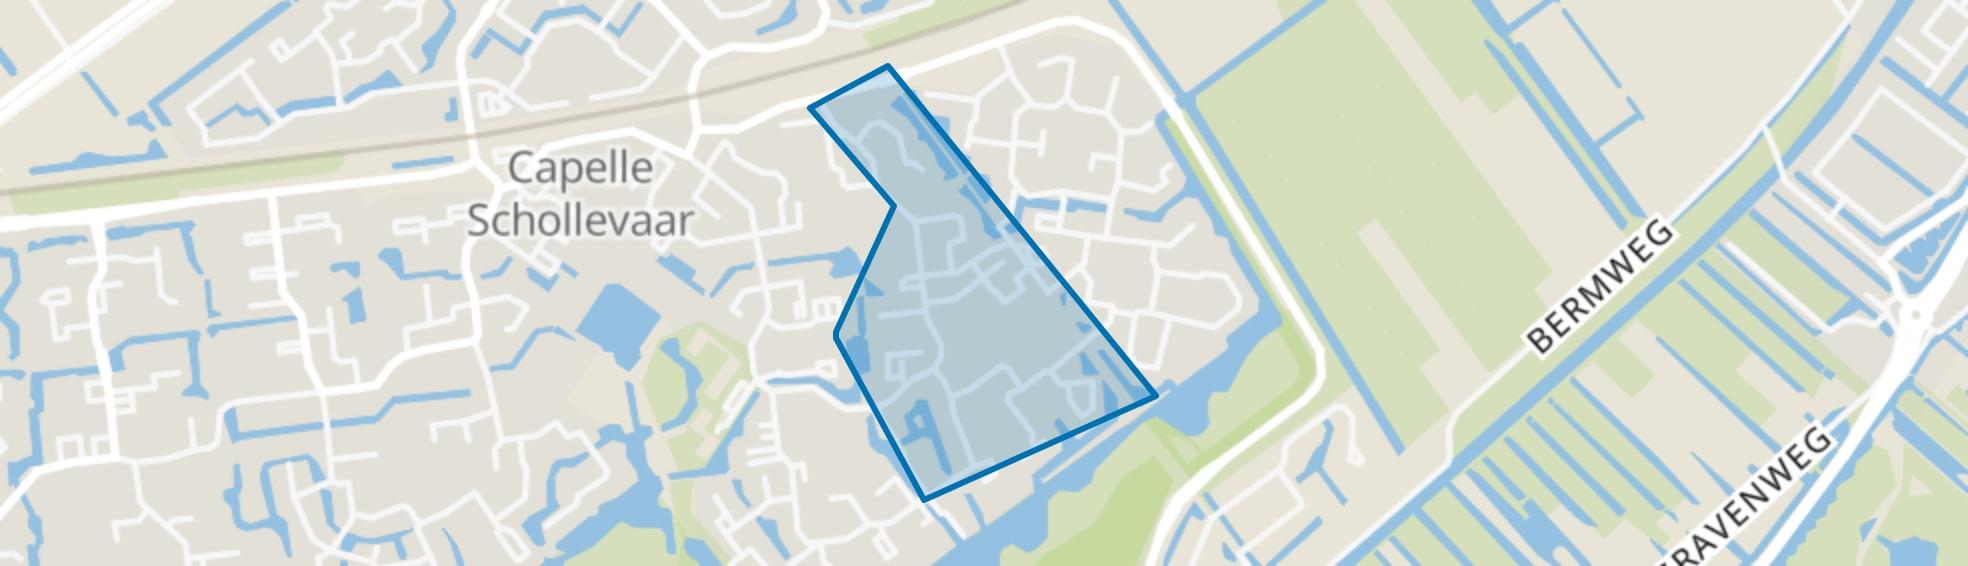 Gebouwenbuurt, Capelle aan den IJssel map